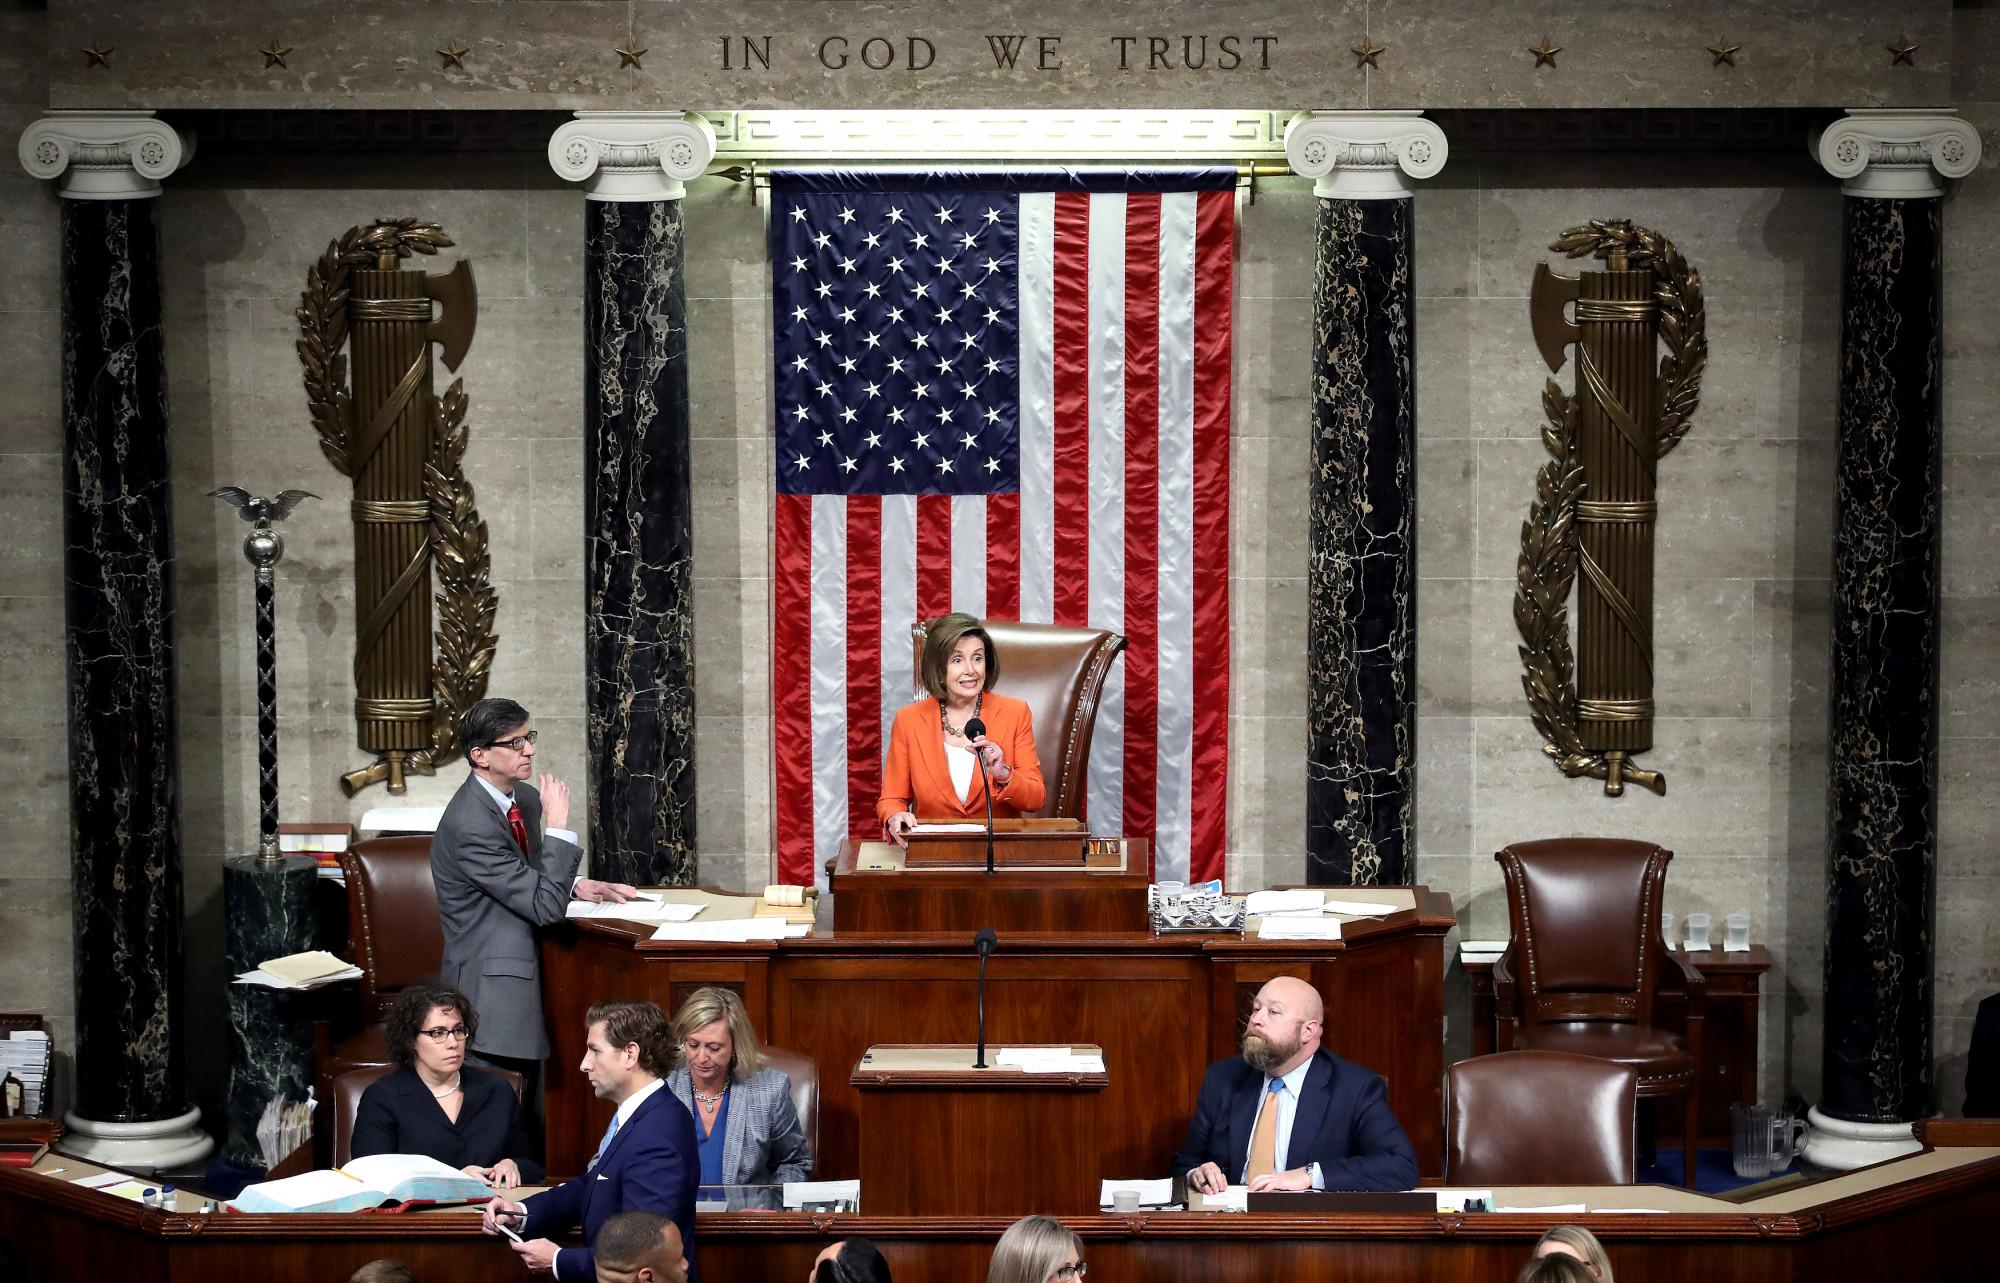 Pelosi presides over vote